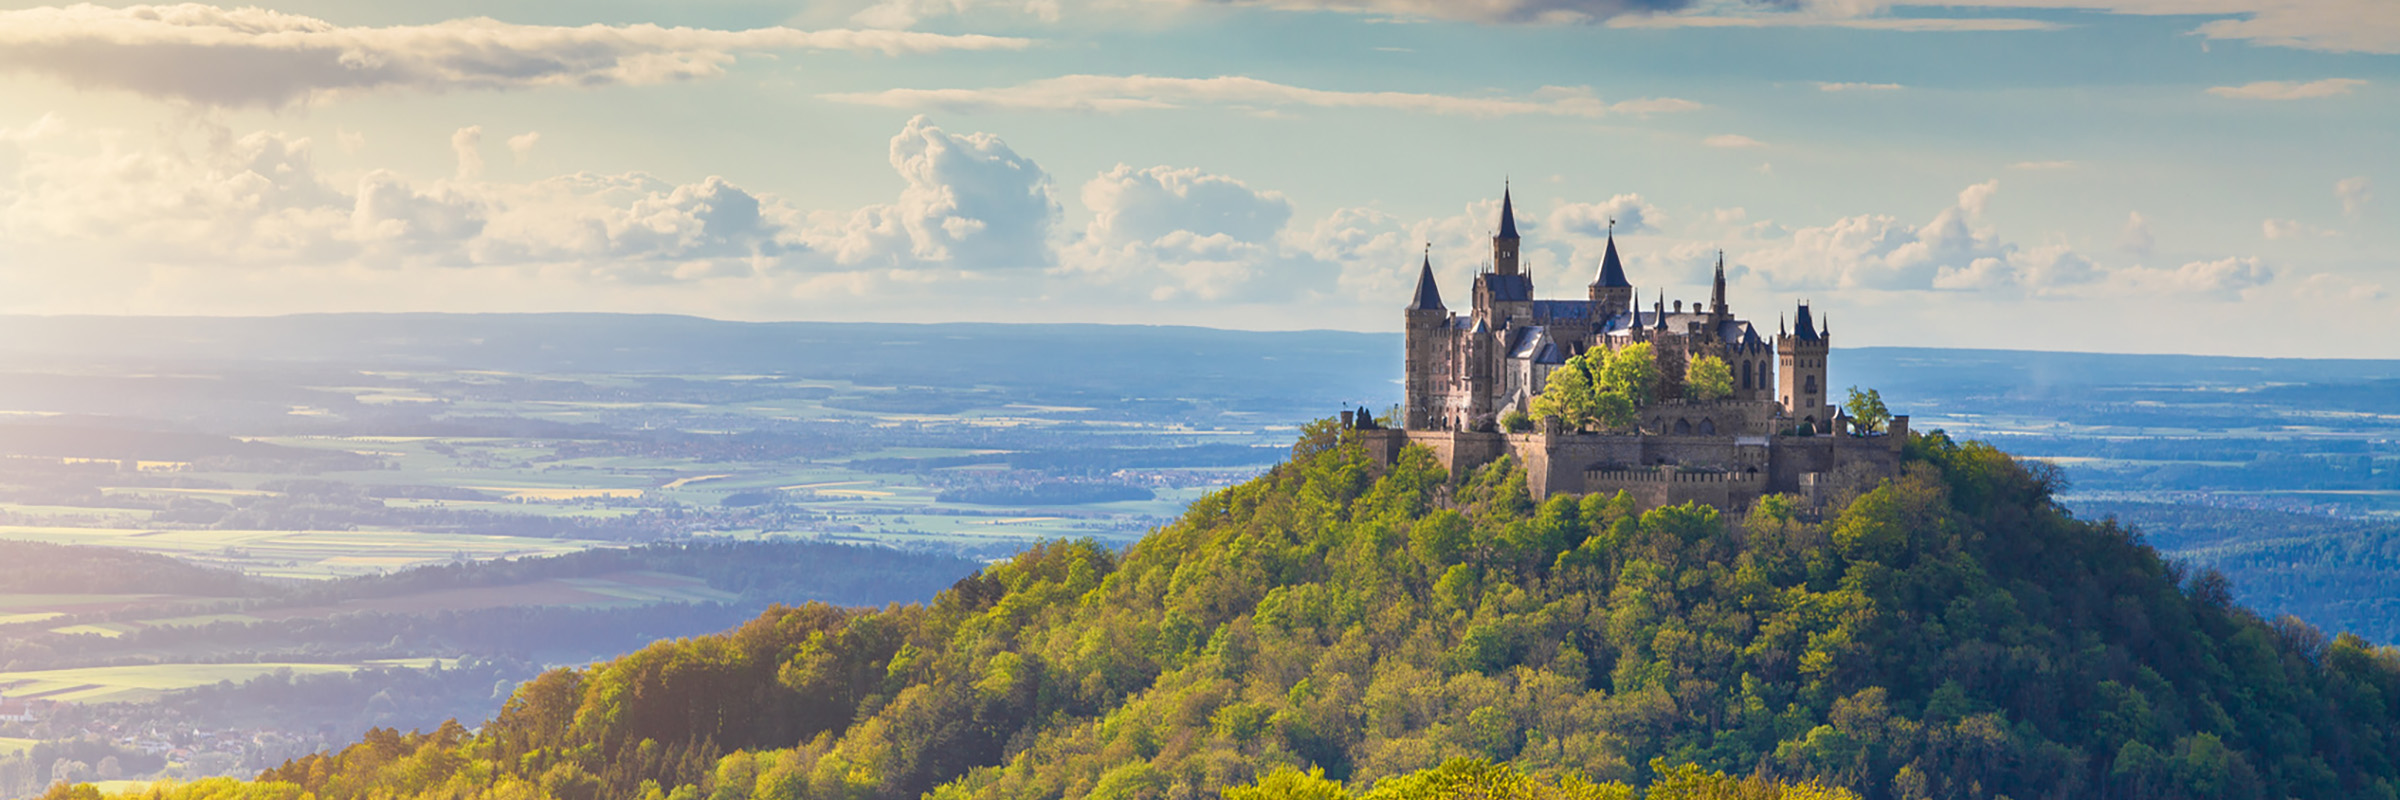 Burg Hohenzollern Beteiligungen Unternehmensgruppe Furst Von Hohenzollern